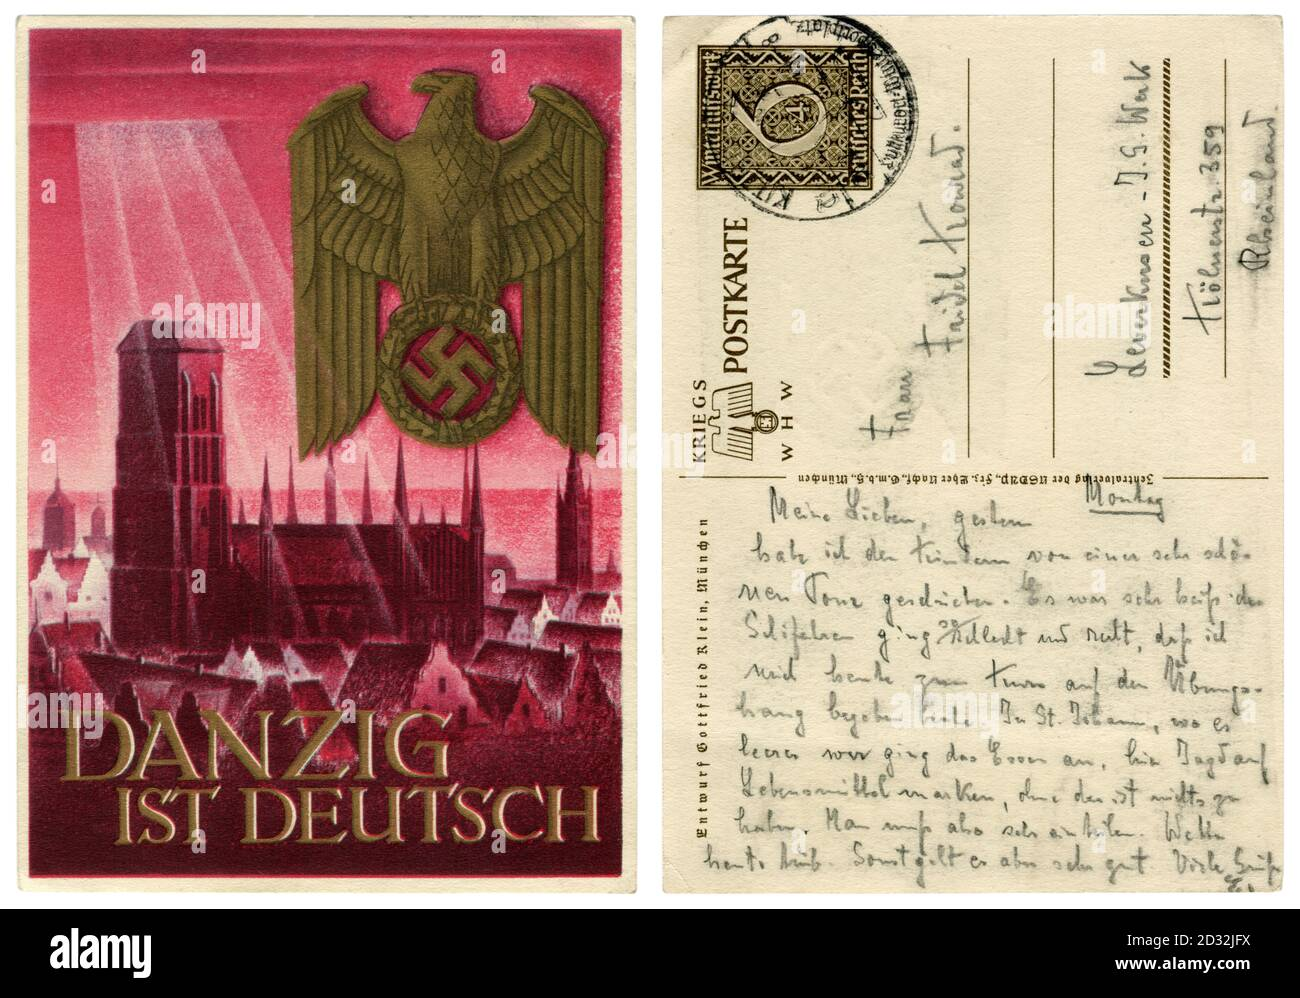 Carte postale historique allemande: WHW, série 'annexion de Danzig aux territoires du 3ème Reich', Eglise Sainte Marie, Allemagne, Pologne occupée,1939 Banque D'Images